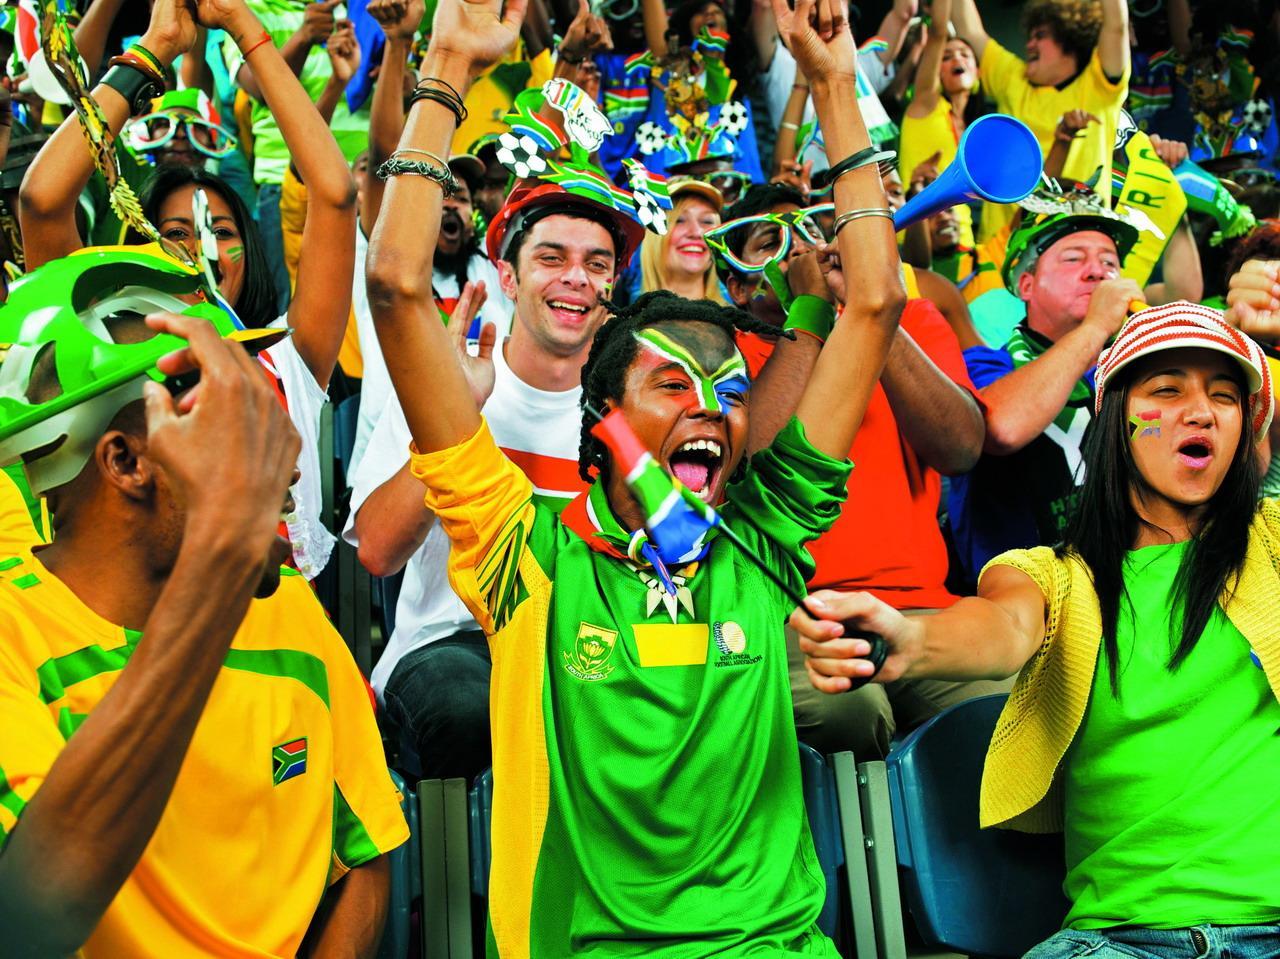 南非世界杯主题曲女_关于2010世界杯的歌曲-2010南非世界杯歌曲有哪些